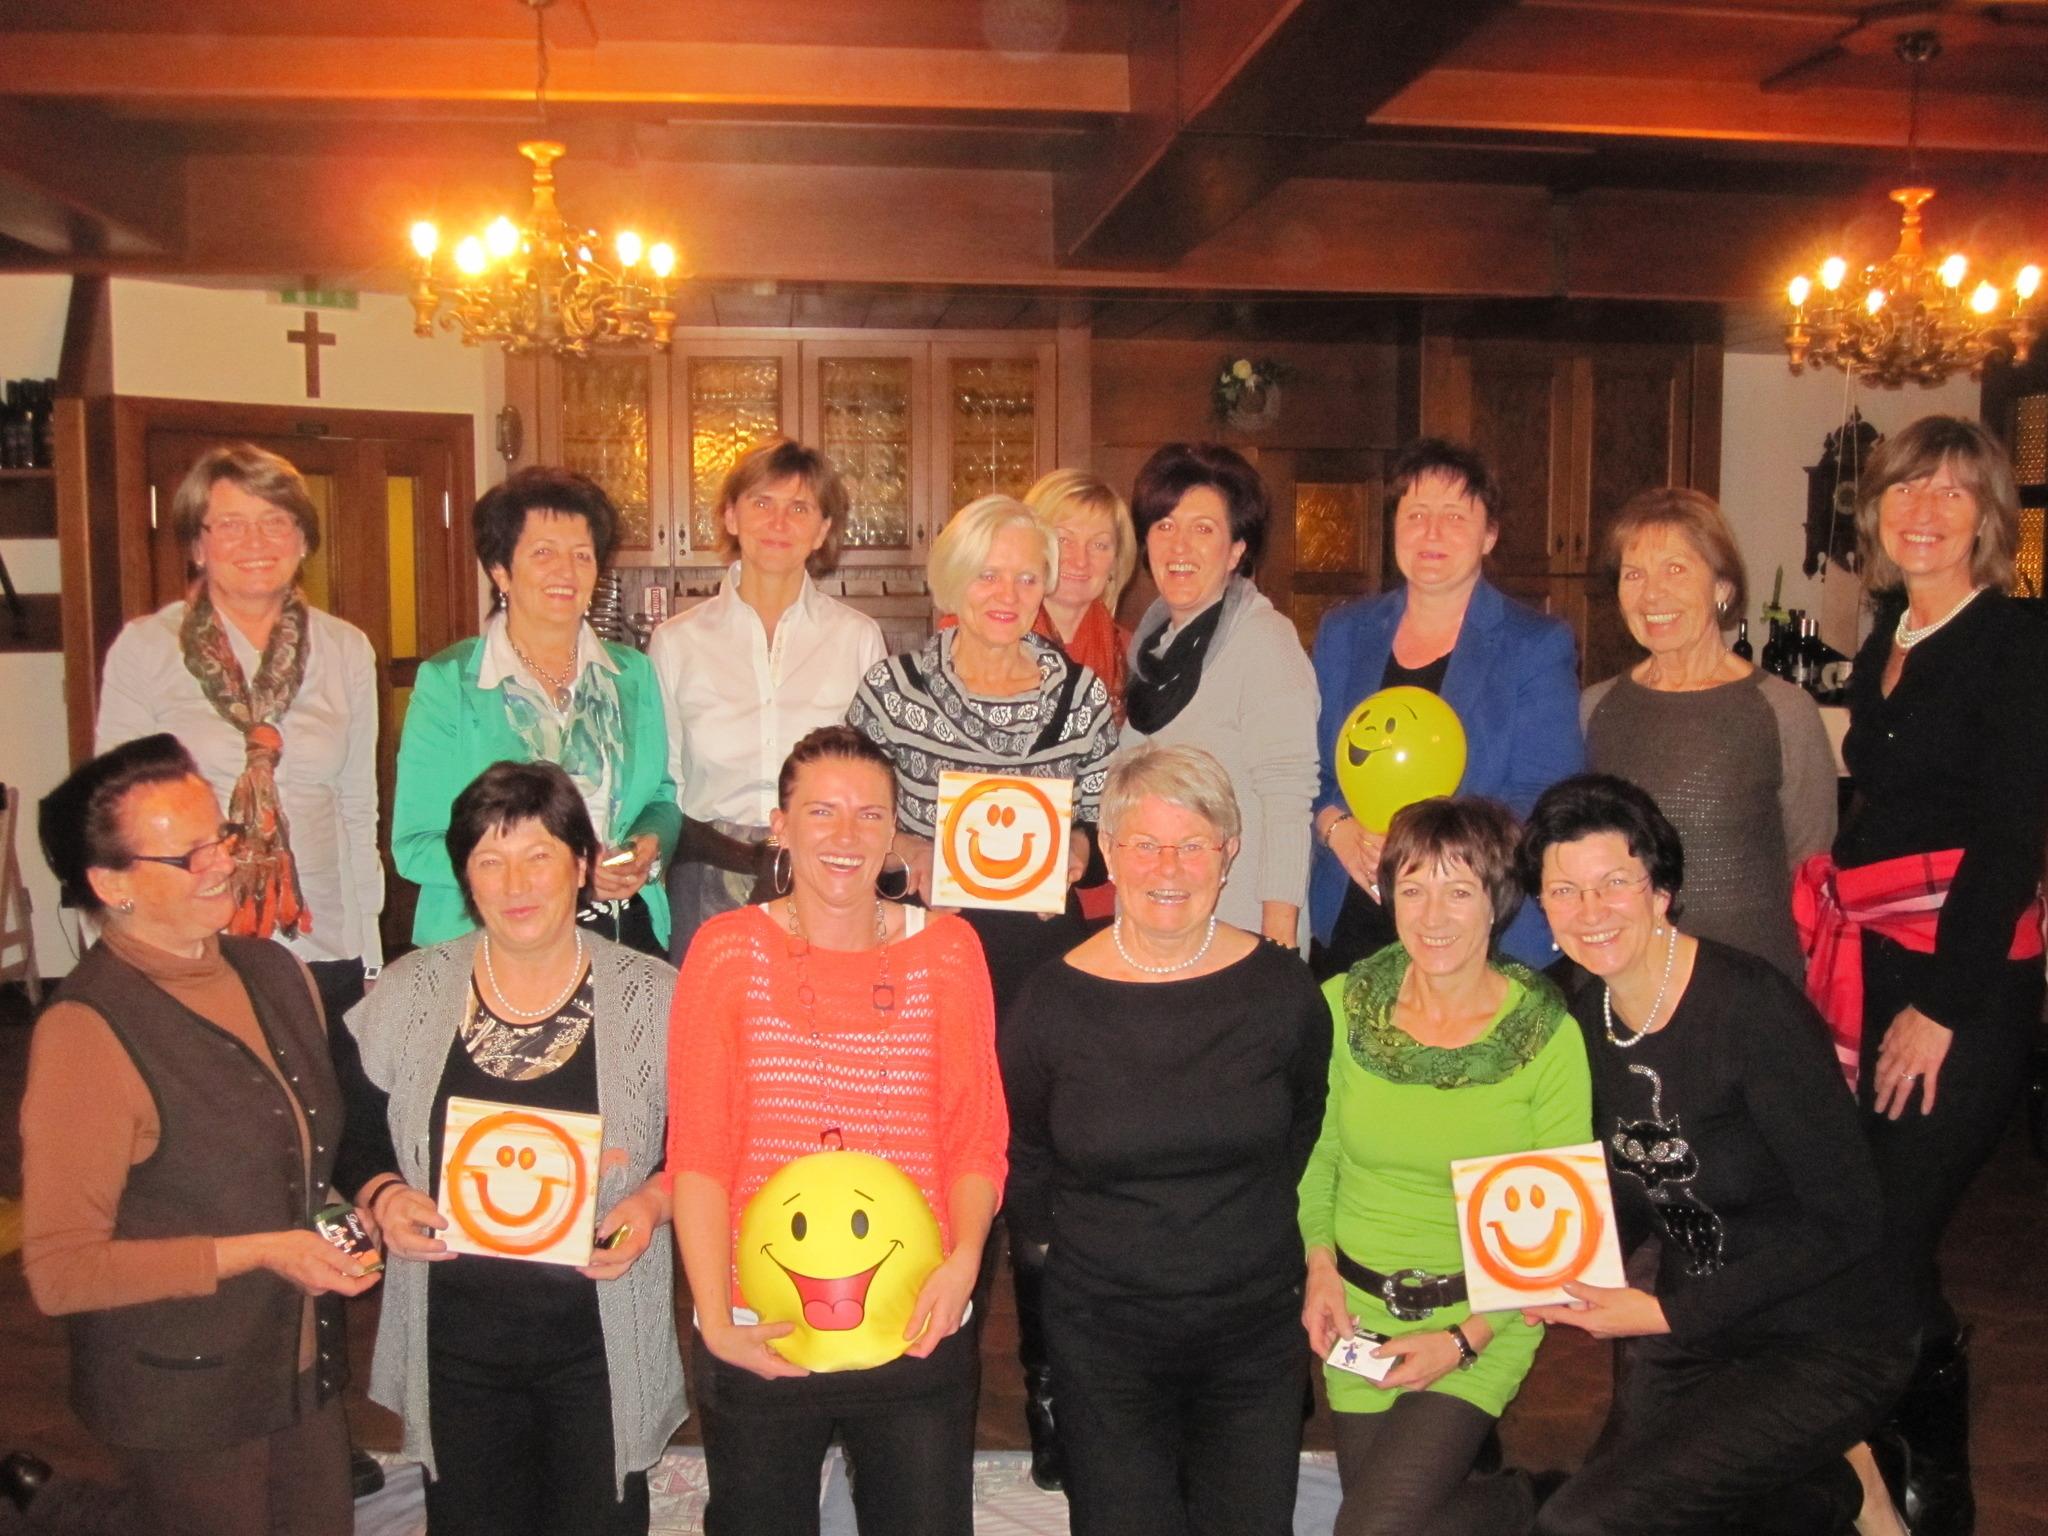 Erster Frauen-Themen-Stammtisch in Arnfels - Leibnitz